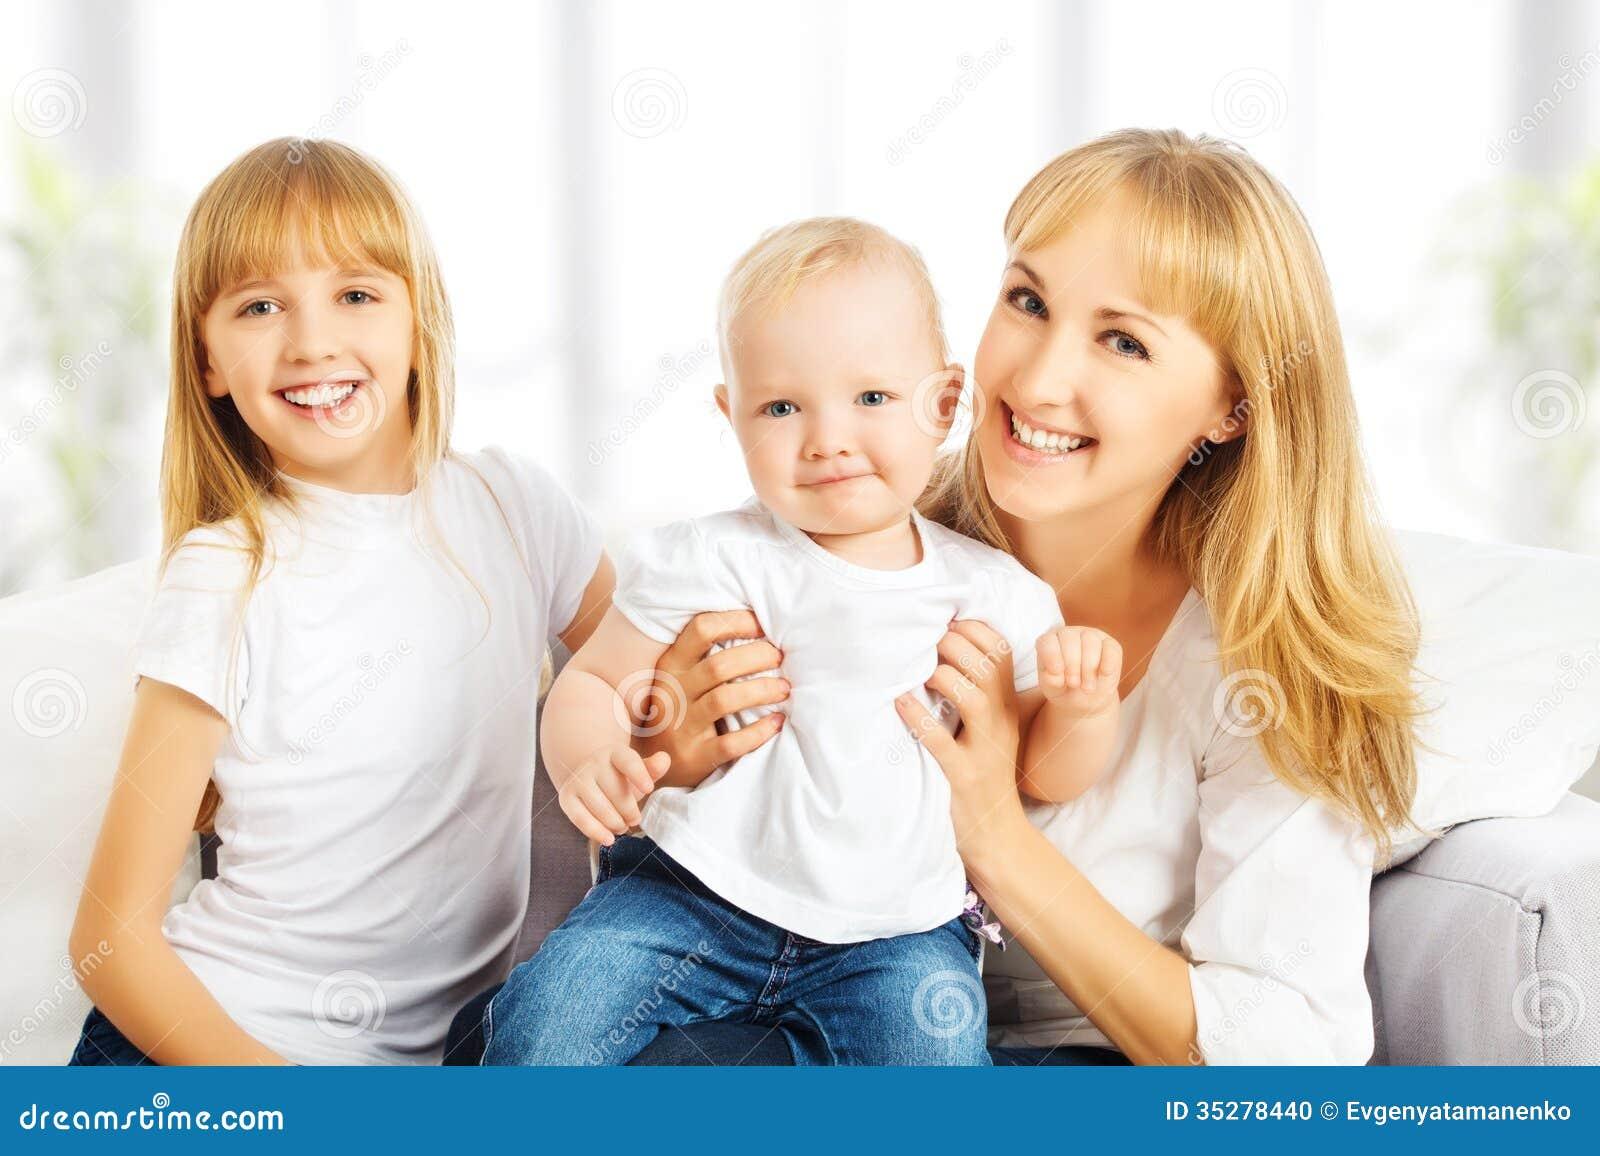 Lycklig familj hemma på soffan. Moder och dotter och son